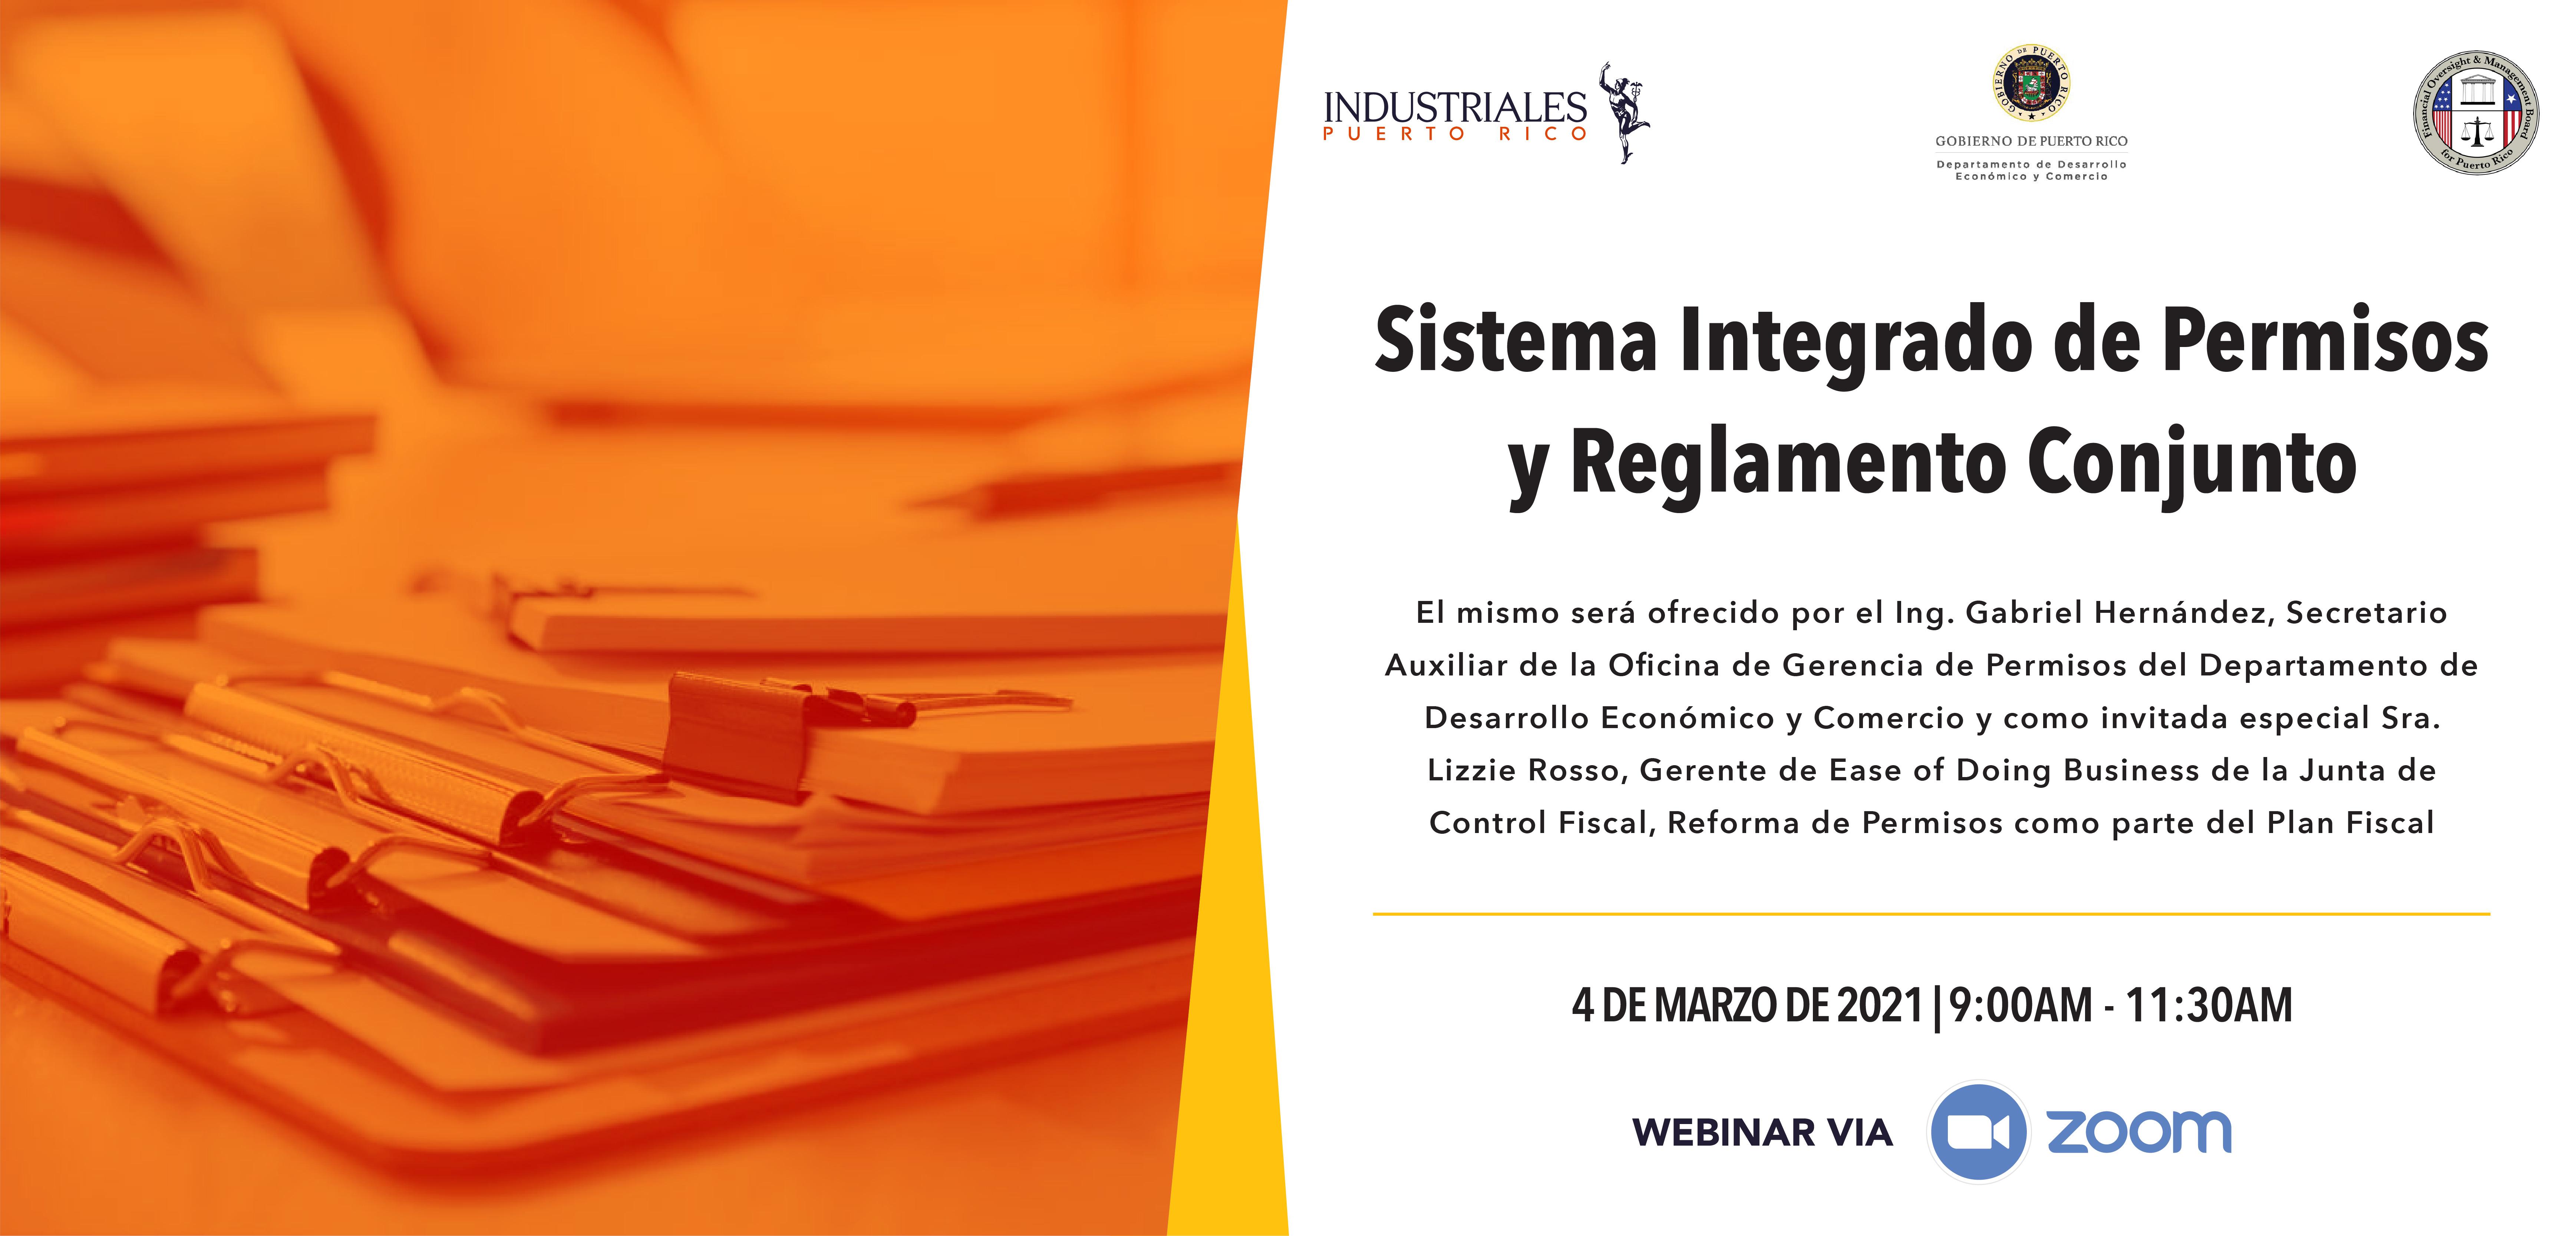 Sistema Integrado de permisos y reglamento conjunto